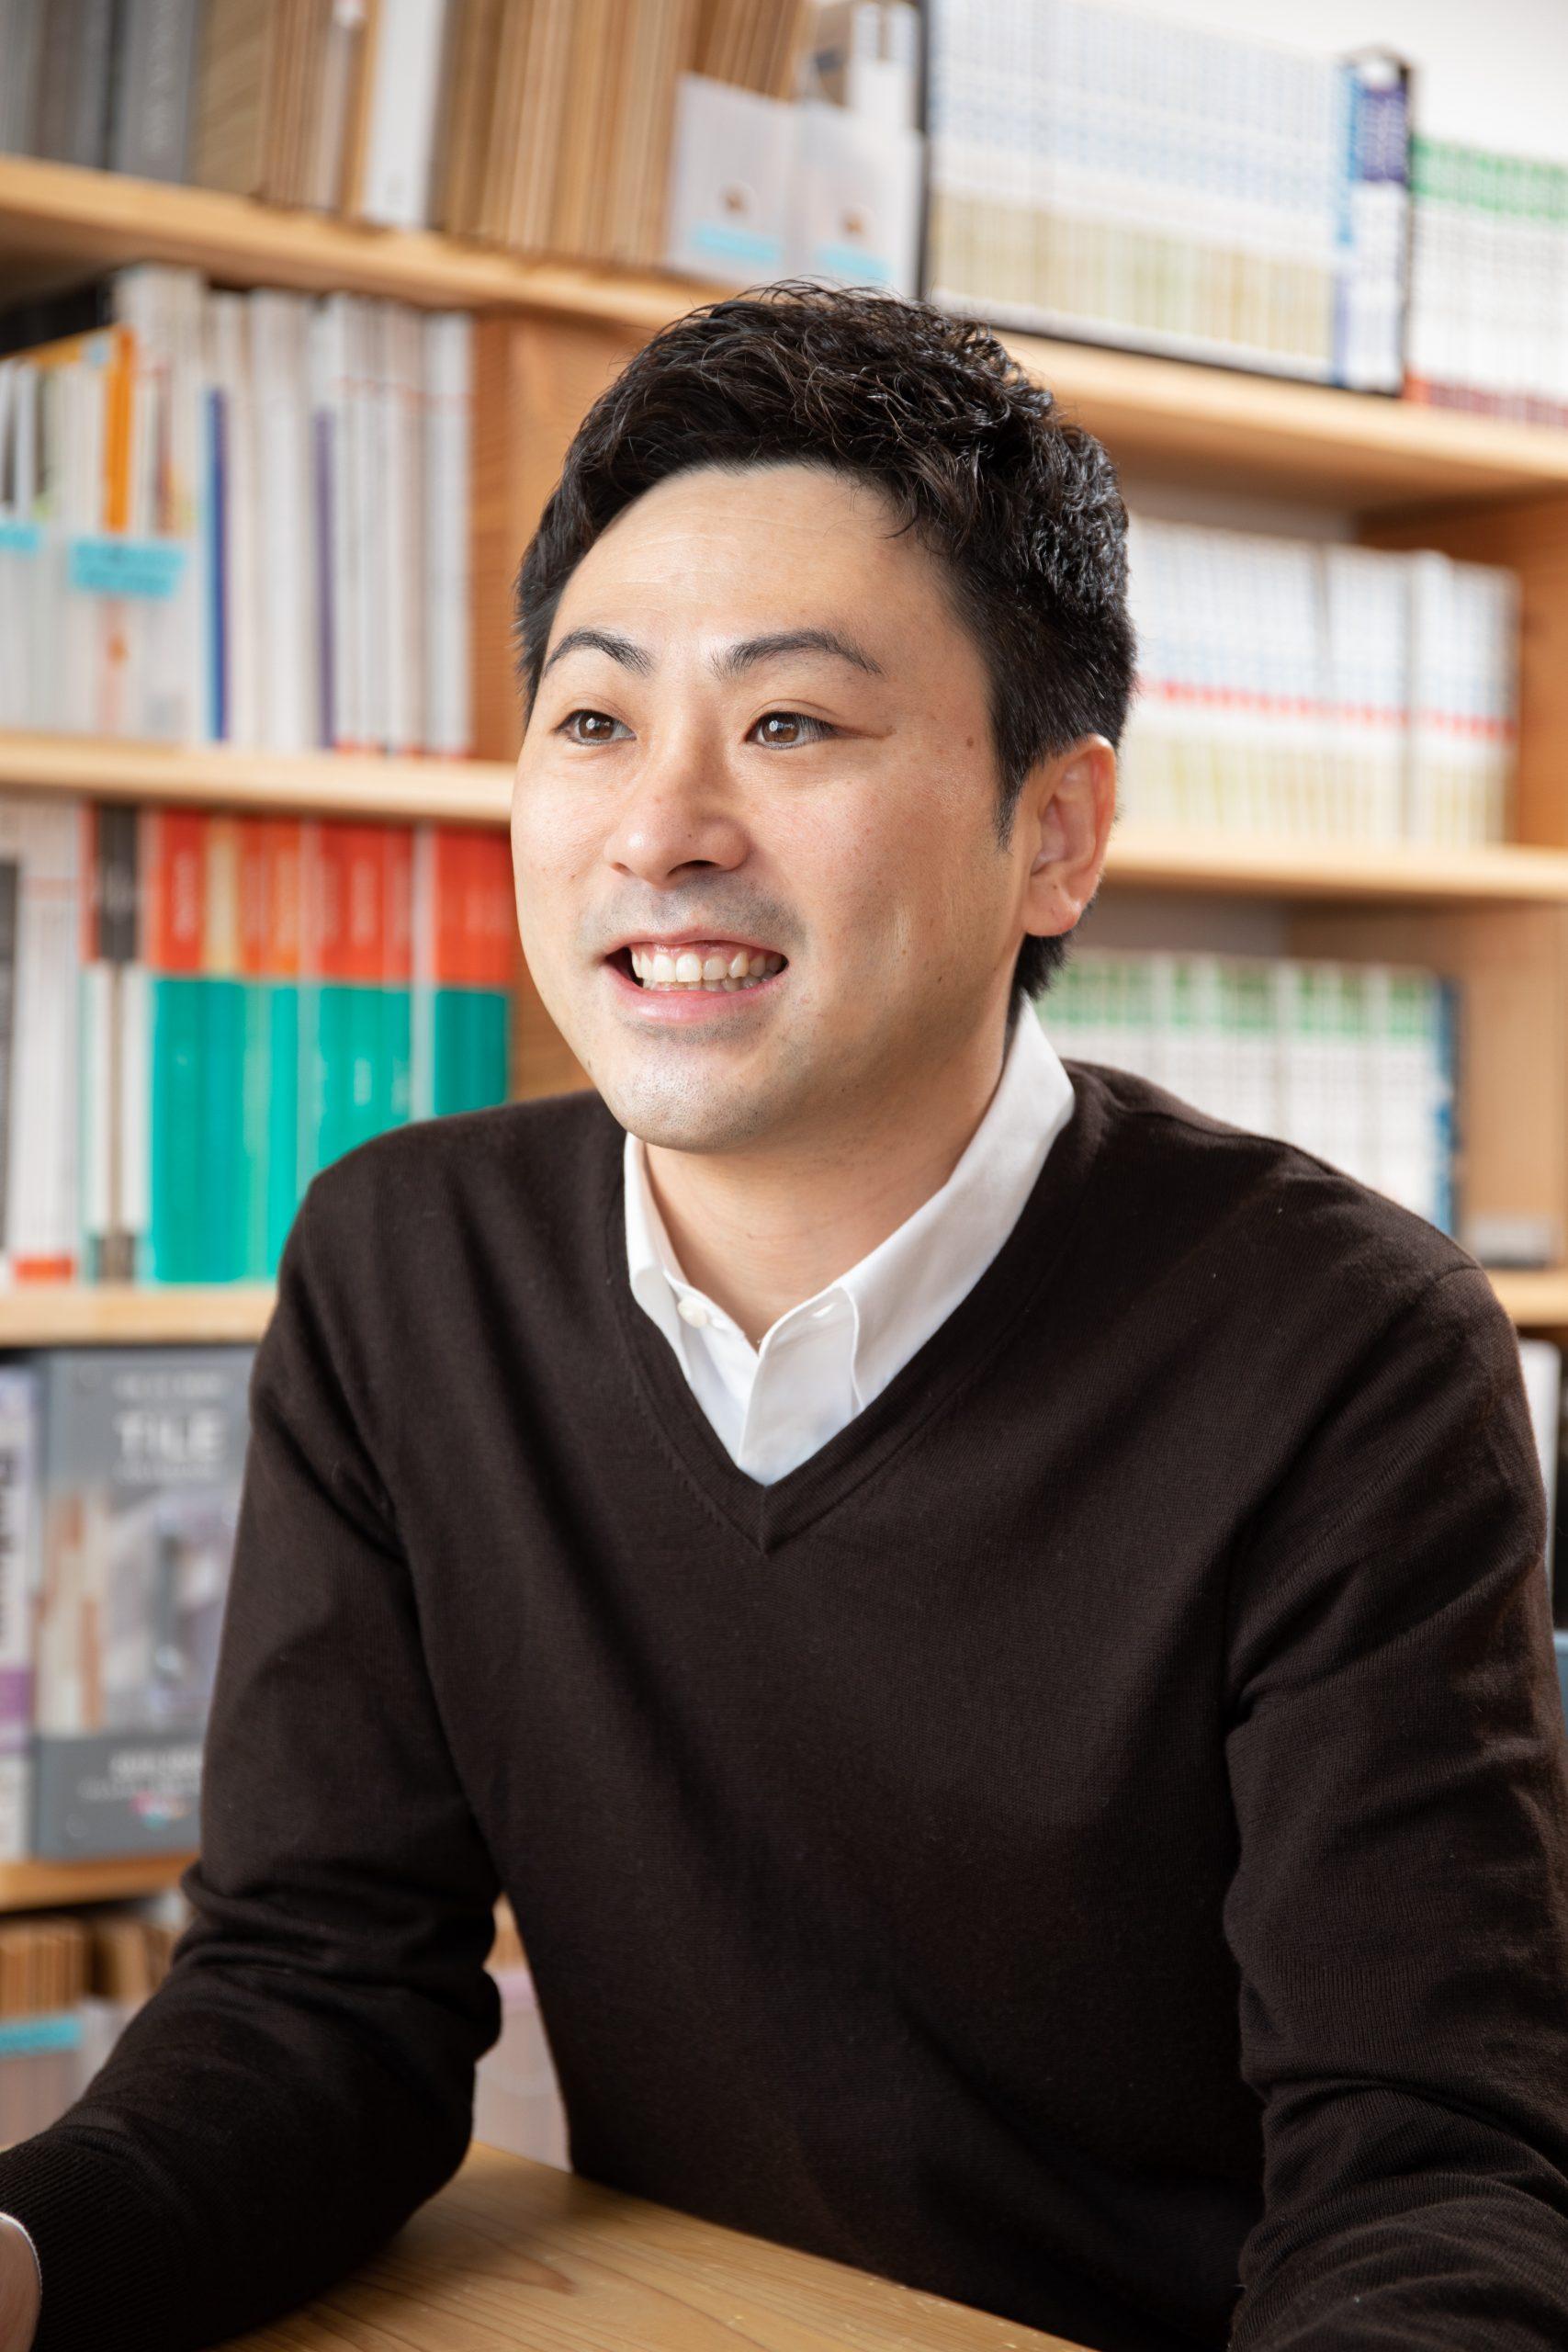 今回の取材先は/Amami Home株式会社天美住建一級建築士事務所・営業部長 渡部 史也さん